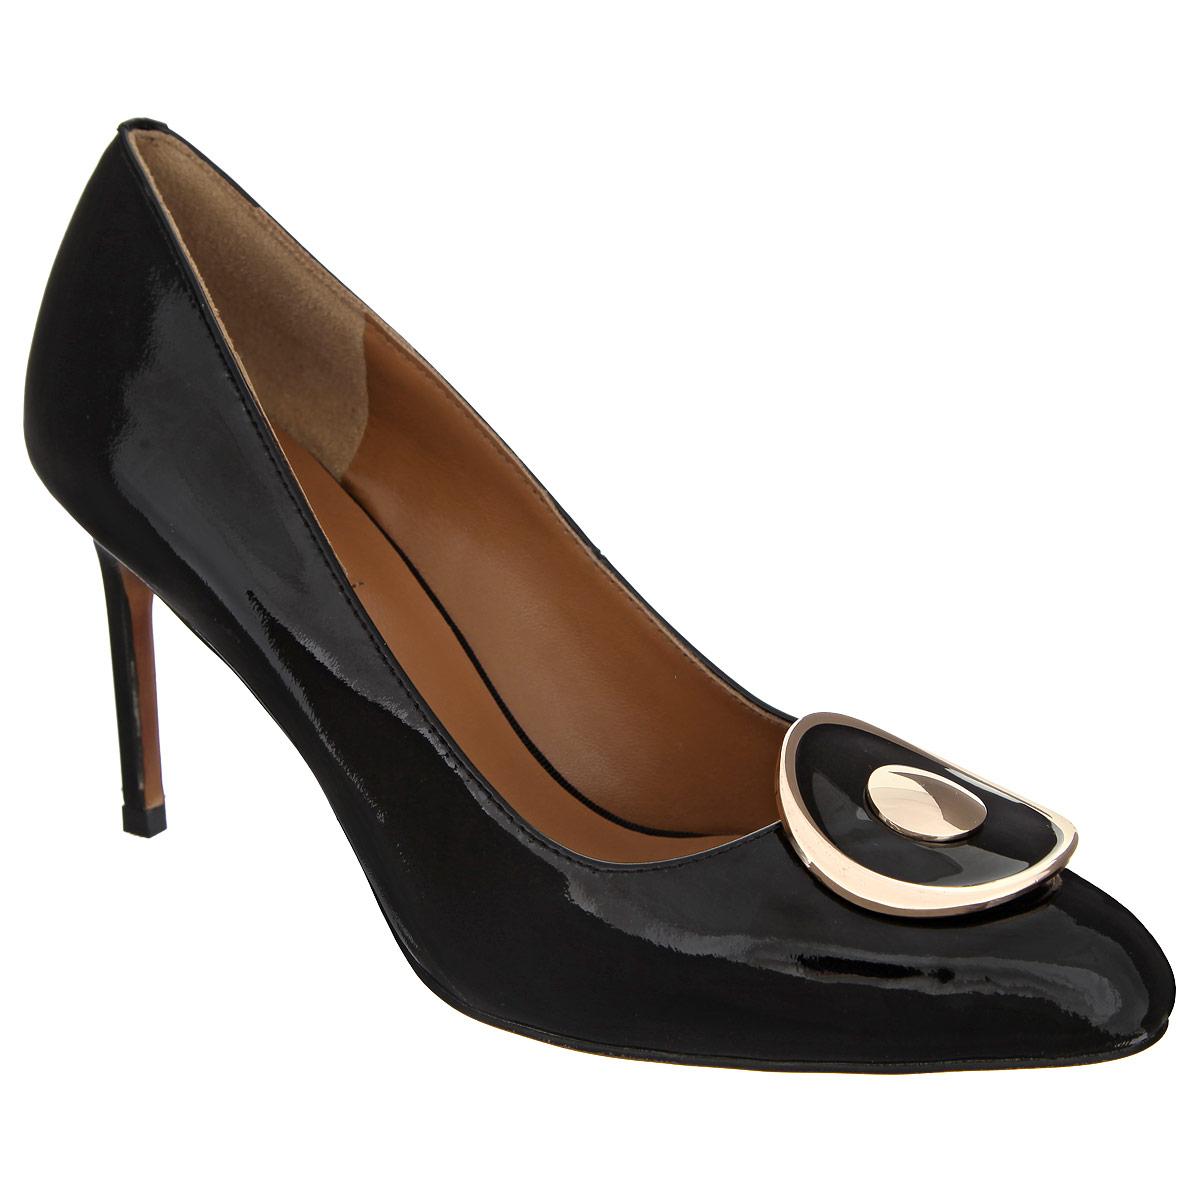 47049Элегантные женские туфли Vitacci покорят вас с первого взгляда. Модель изготовлена из натуральной лакированной кожи. Мыс оформлен металлической пластиной оригинальной формы. Зауженный носок добавит женственности в ваш образ. Стелька из натуральной кожи позволяет ногам дышать. Подошва с рифлением обеспечивает отличное сцепление с любой поверхностью. Изысканные туфли добавят шика в модный образ и подчеркнут ваш безупречный вкус.